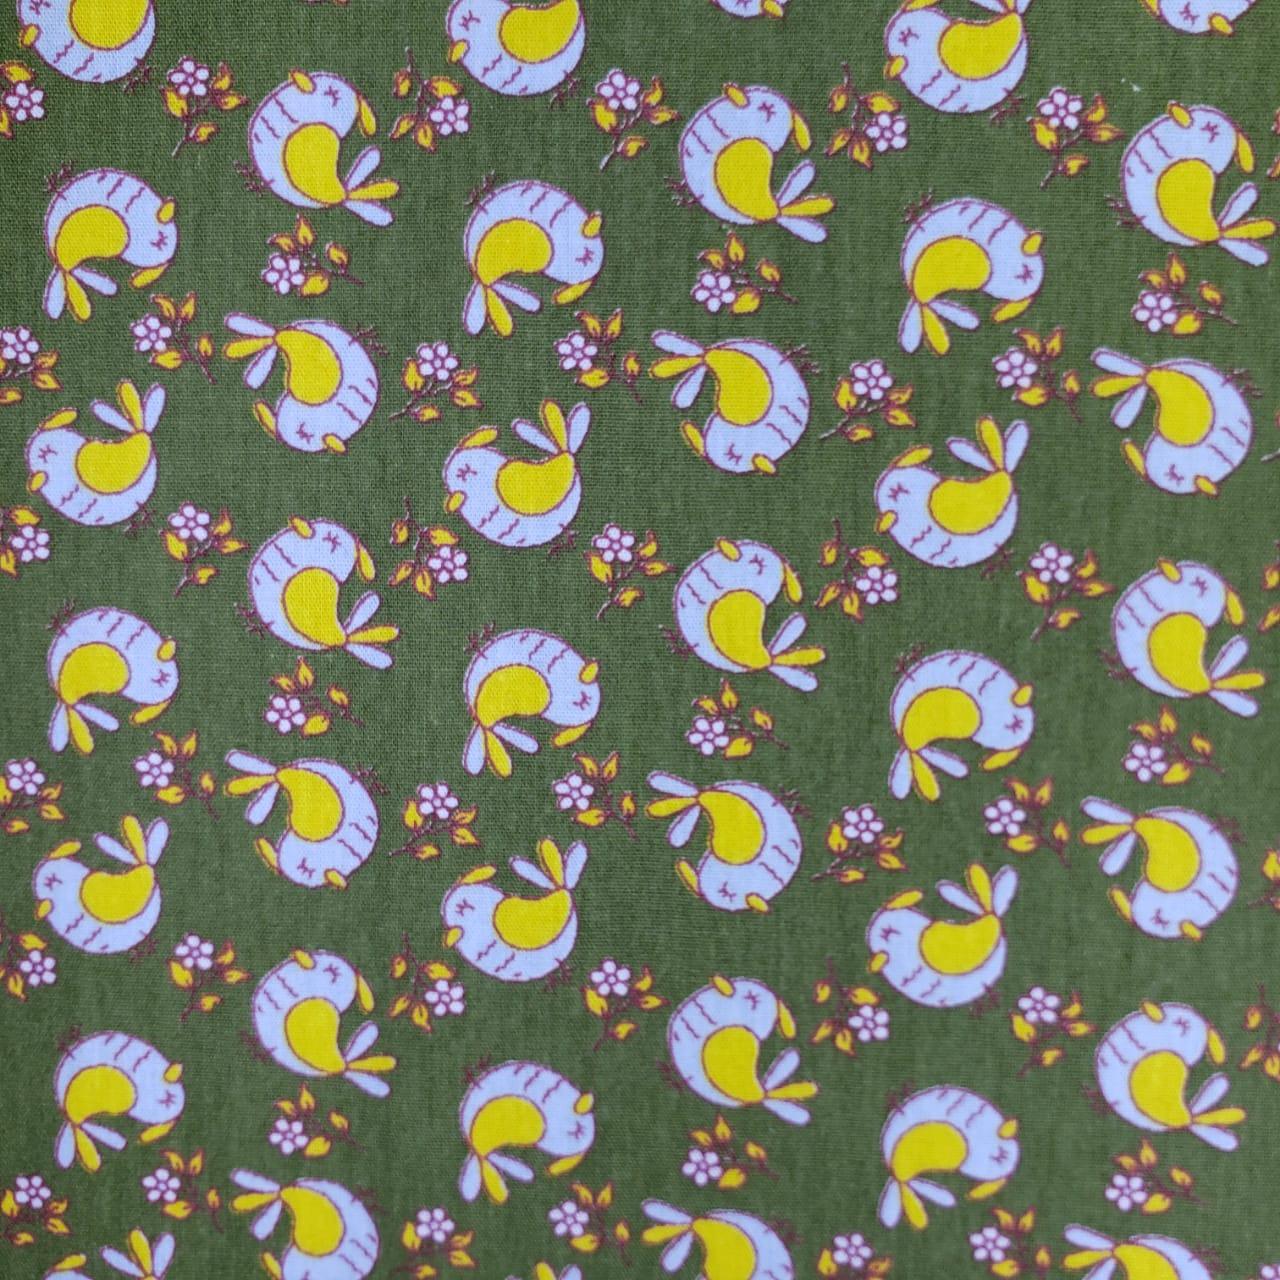 Tecido Tricoline Pássaros fundo Verde